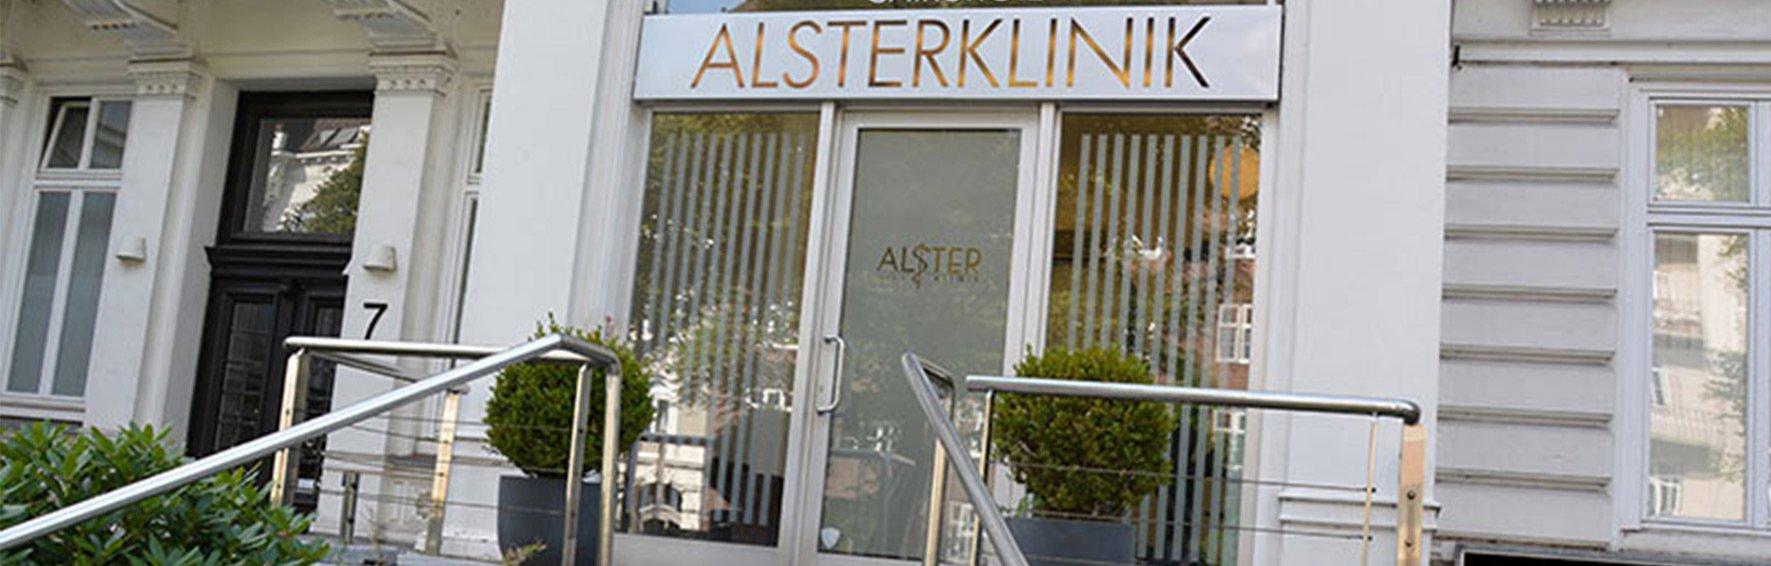 Alster-Klinik Schoenheitschirurgie Eingang